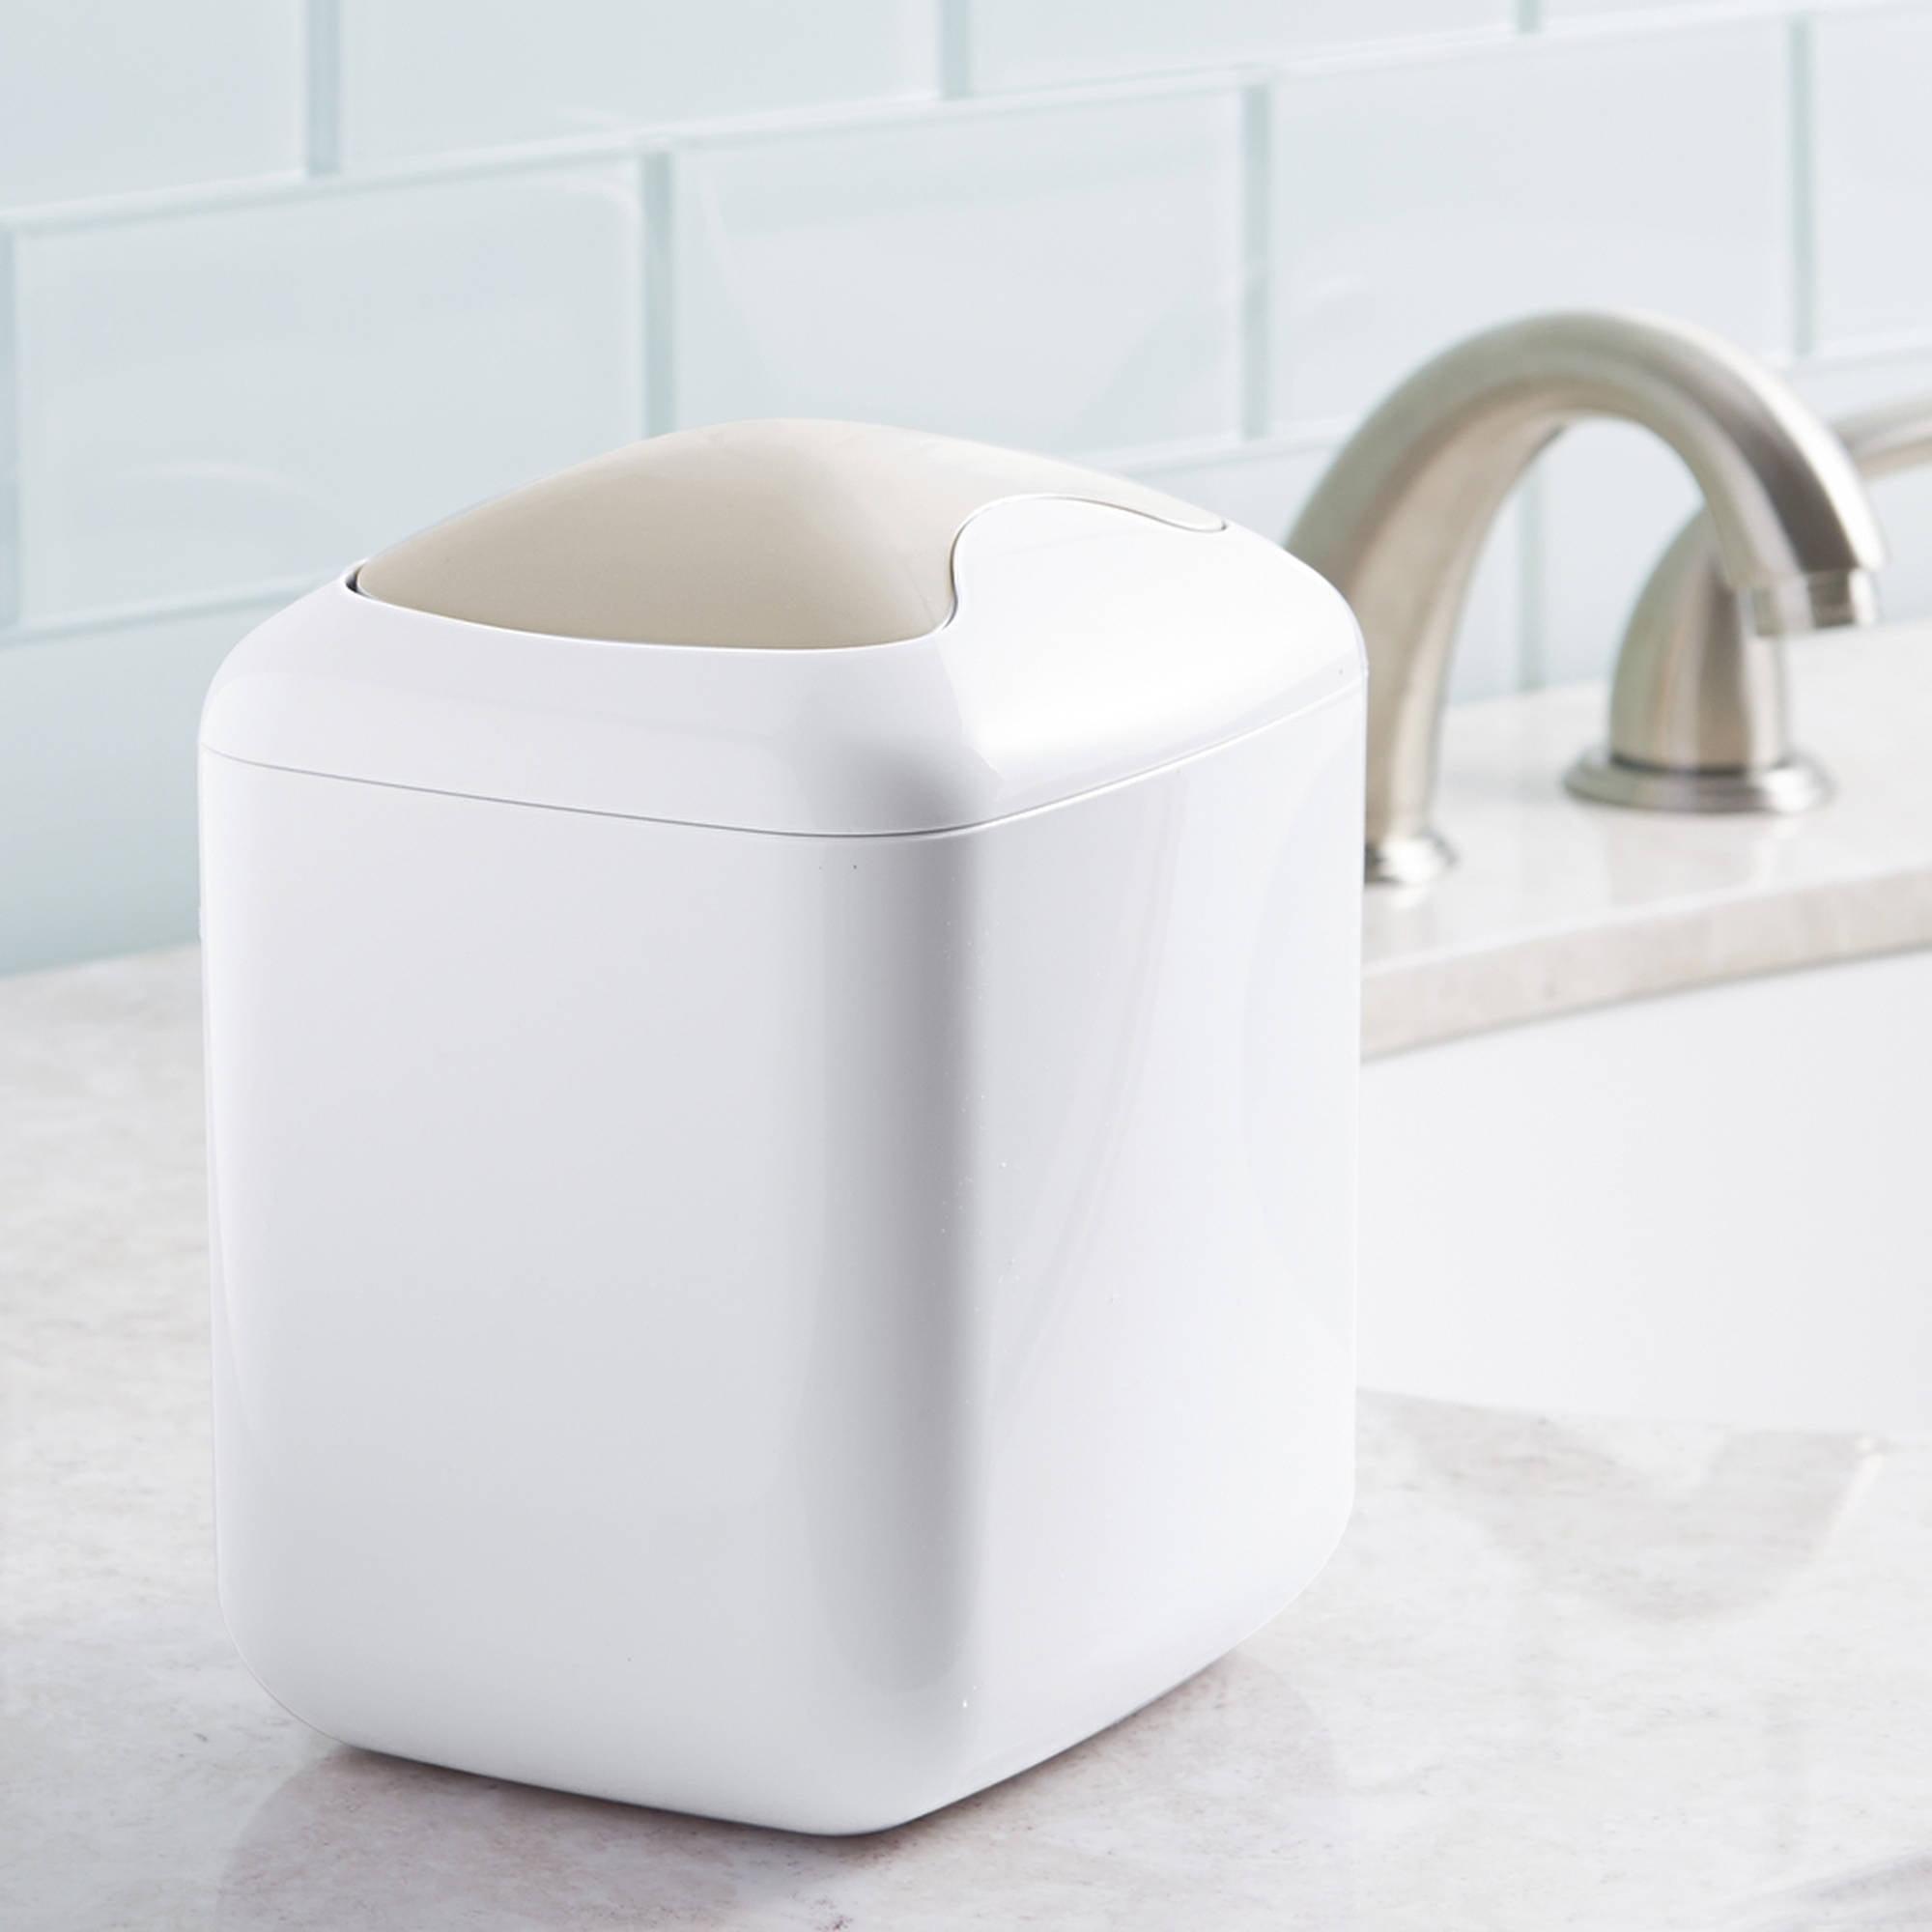 Bathroom trash can ideas